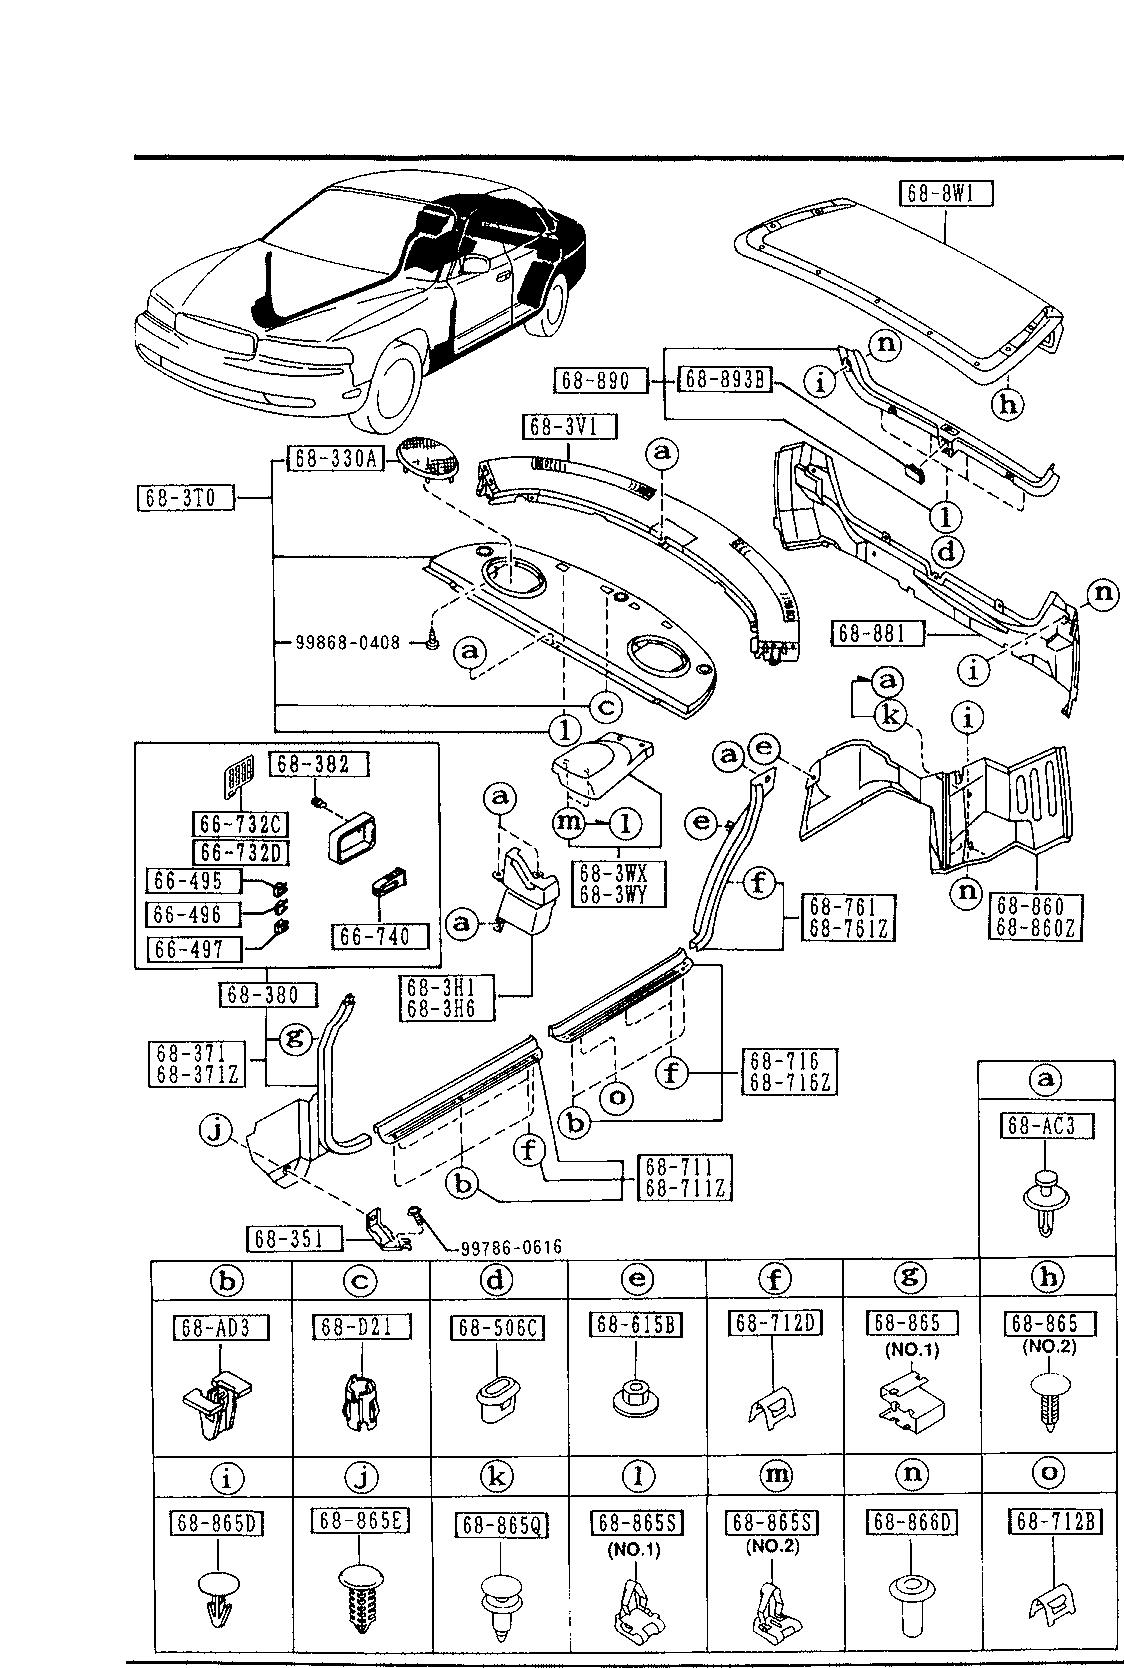 USA, 1993 929, BODY INTERIOR TRIM, 6840 - TRIMS & SCUFF